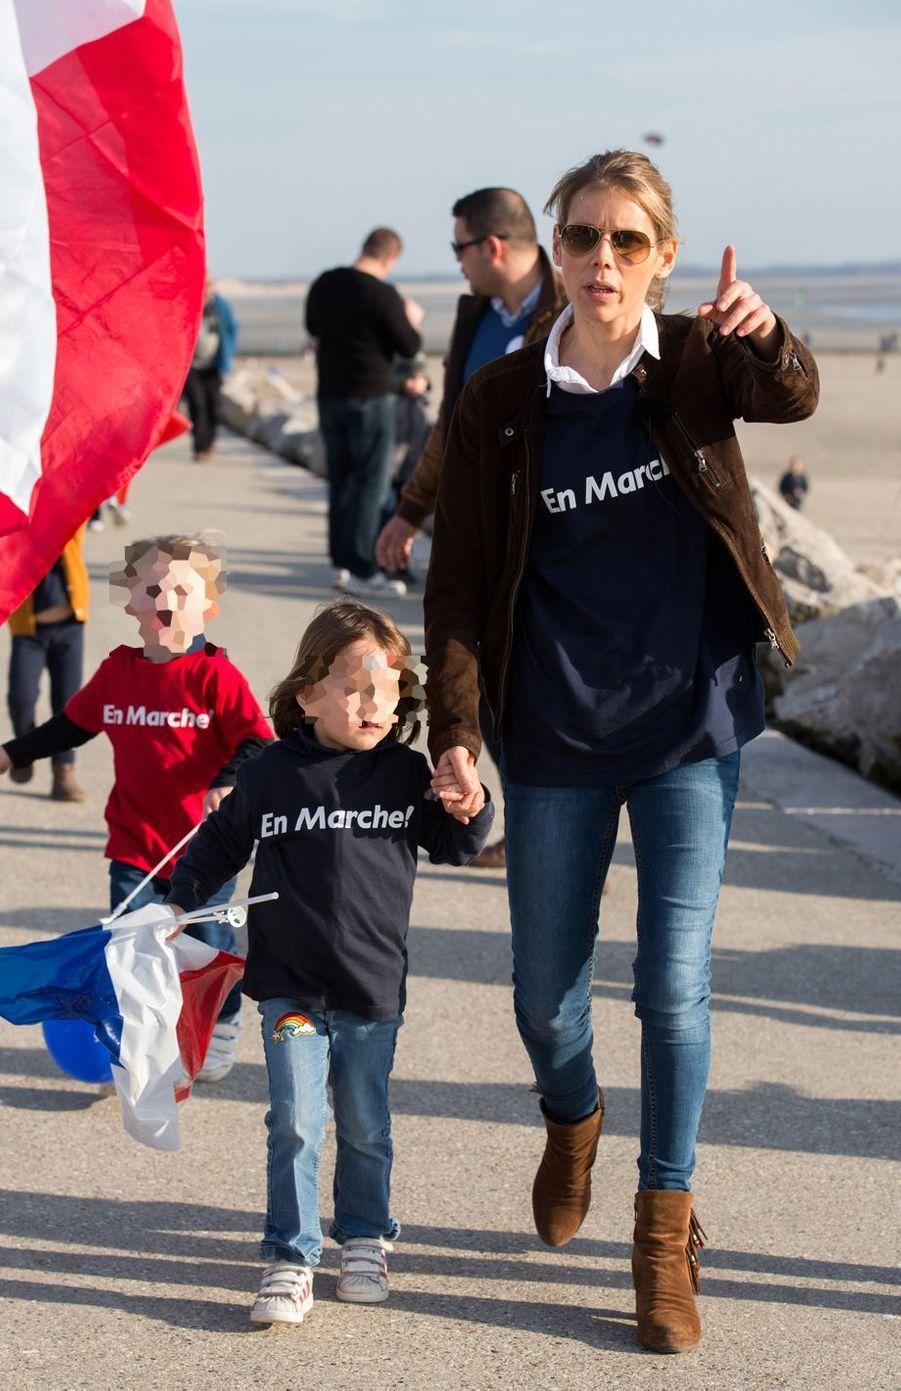 Tiphaine Auzière et ses enfantslors d'un rassemblement à Berck-sur-mer, le 11 mars.